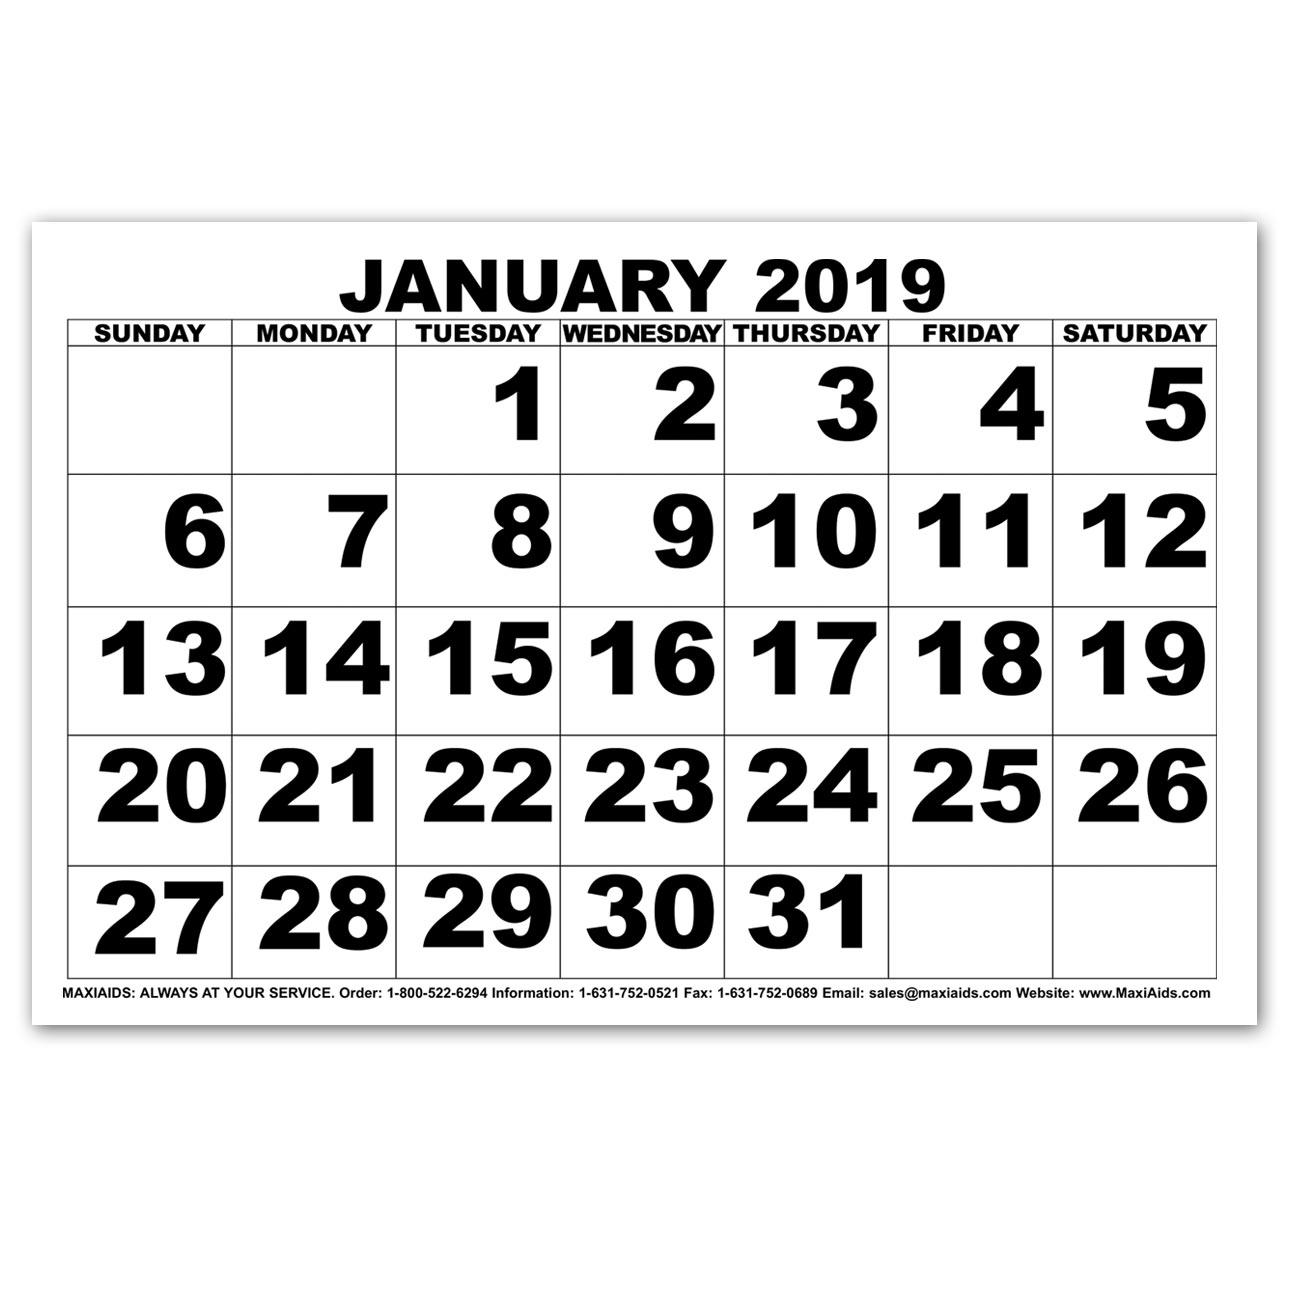 Low Vision Print Calendar - 2019